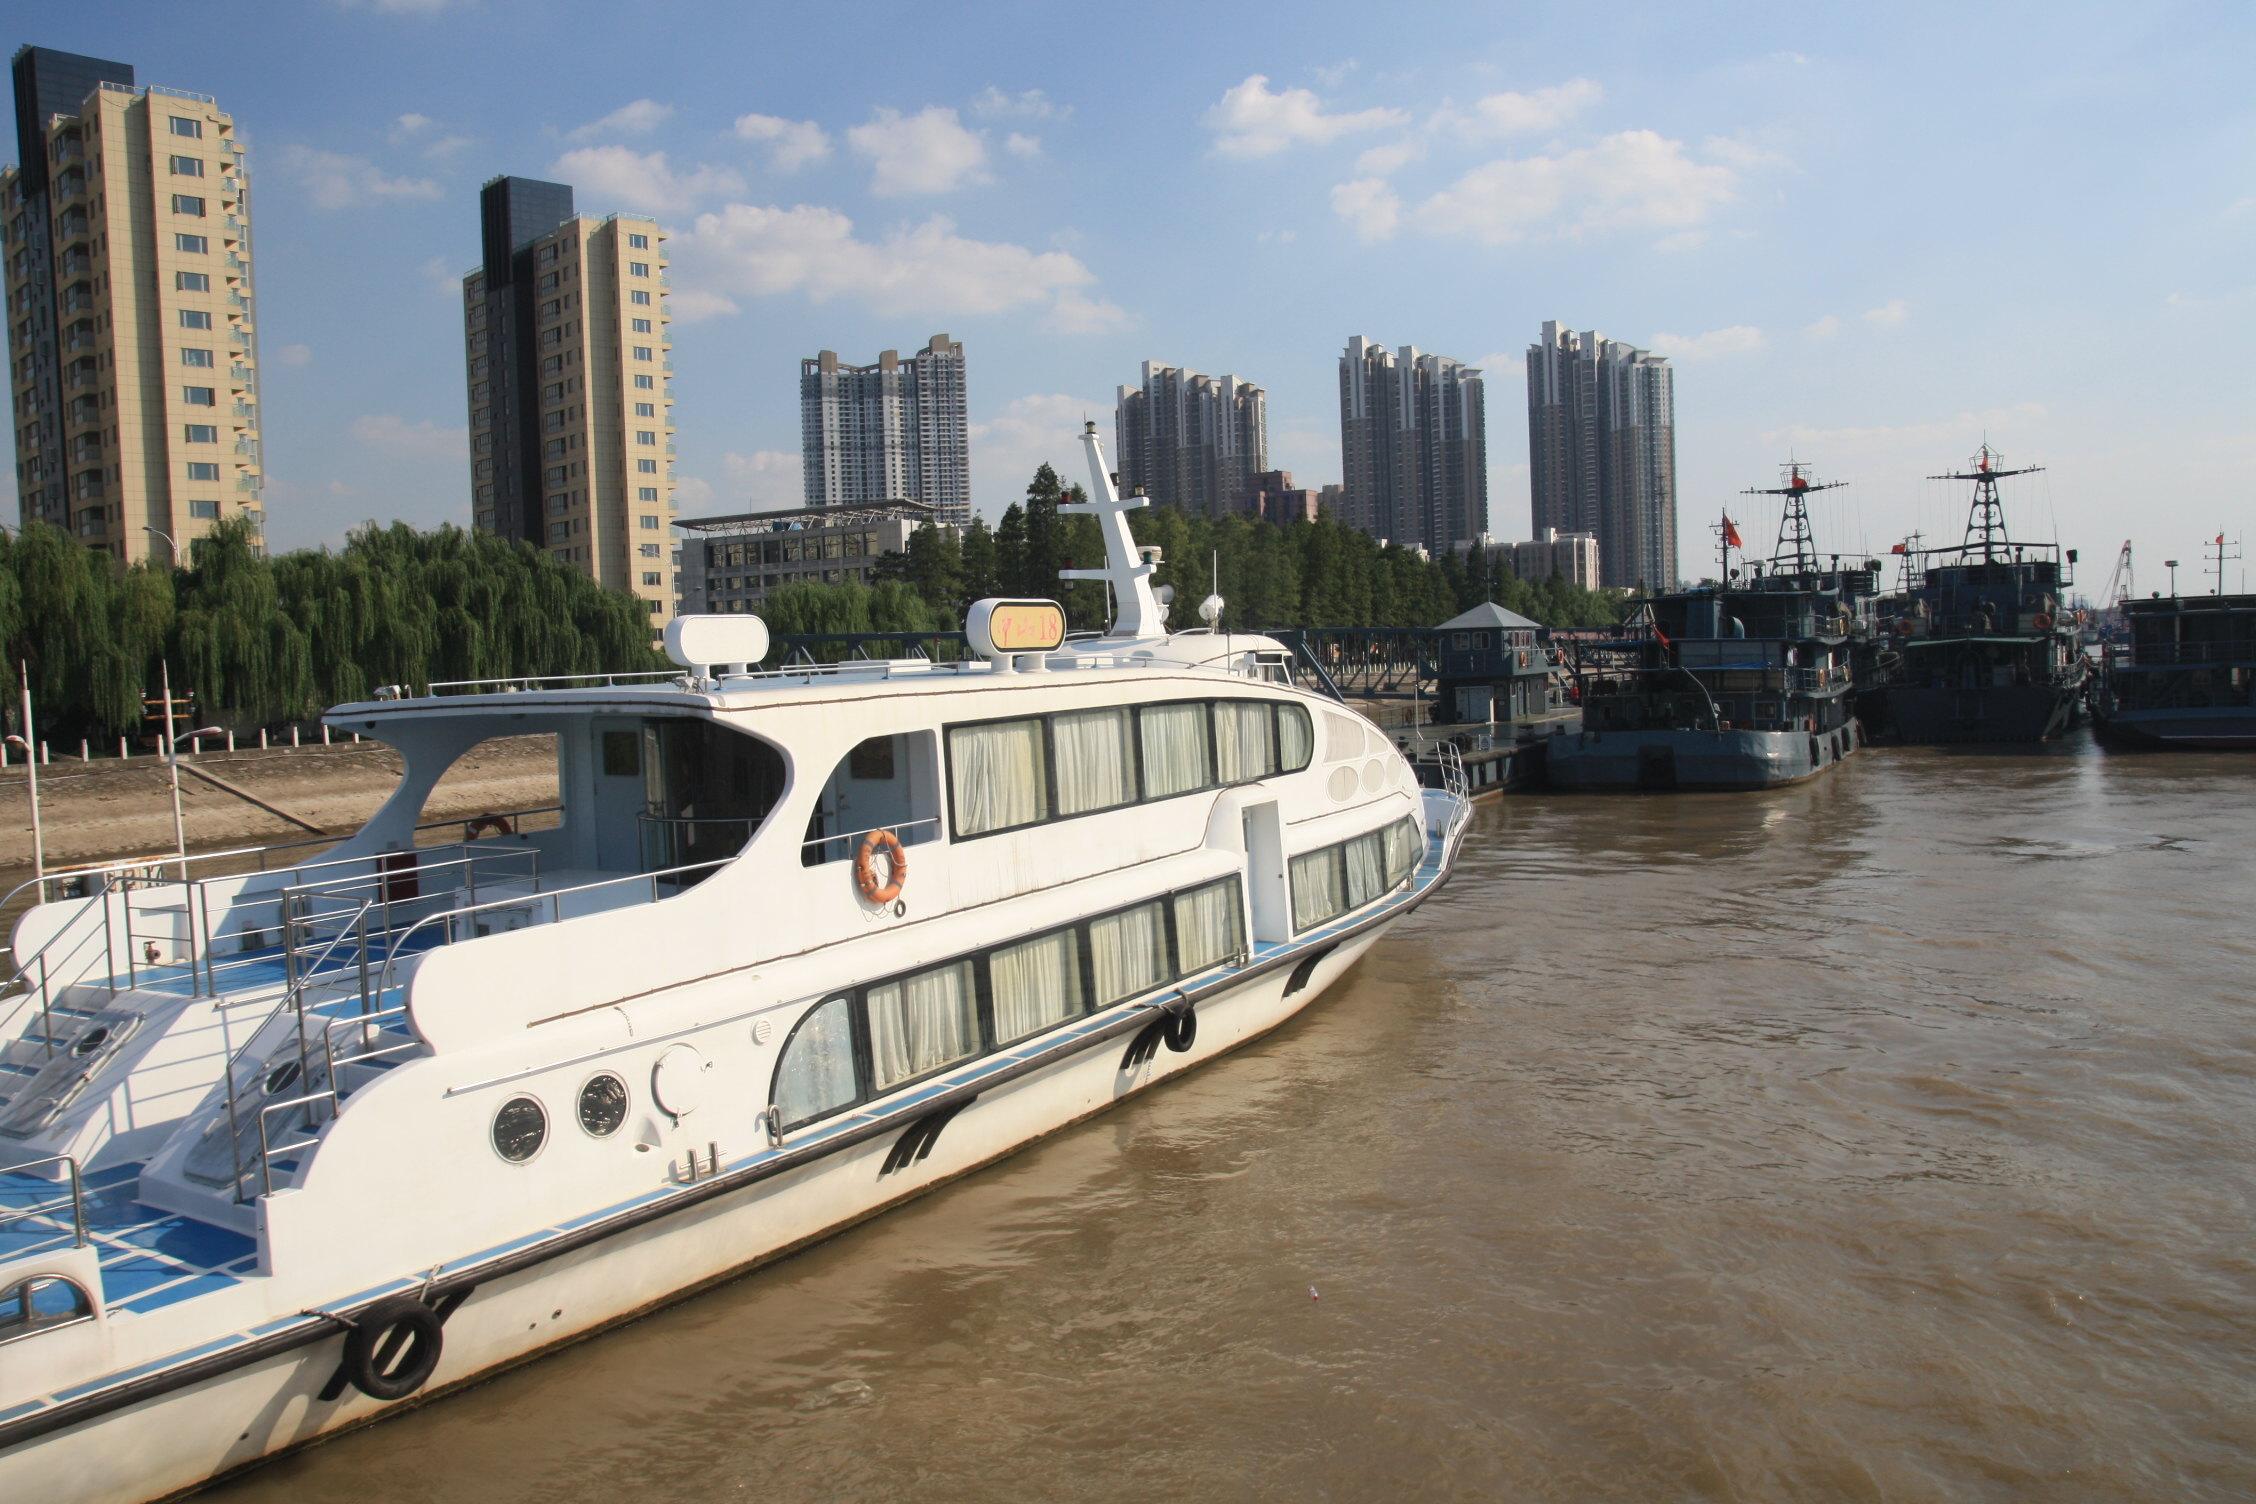 很多当地的土著居民都对中山码头怀有很浓厚的情感,因为在以前交通不便的时候,这个码头承担着南京市过江客货的重要责任,这是一个重要的轮渡码头。后来长江各座大桥陆续建成之后,这座码头也就成为人们怀旧的场所了,坐船到对岸还可以看到民国时期的原汁原味的火车站。